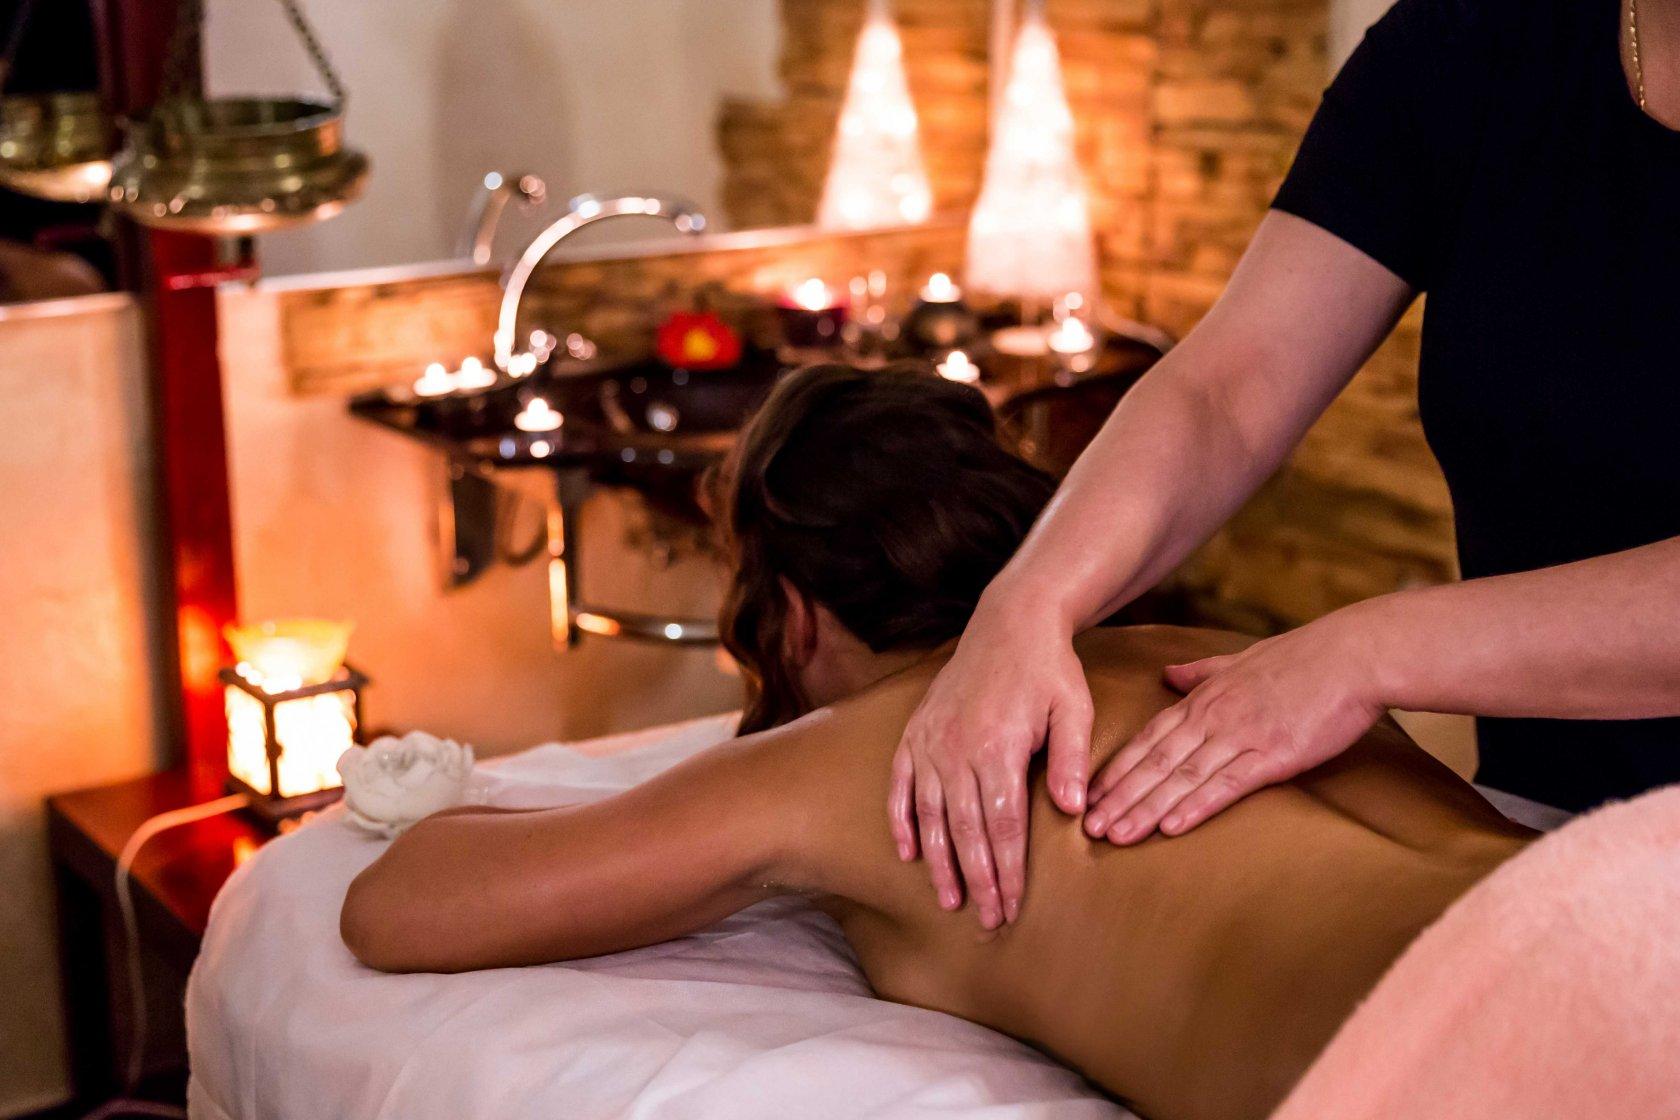 Дрочит массаж интимных зон мужчине с маслом видео надо трахаться